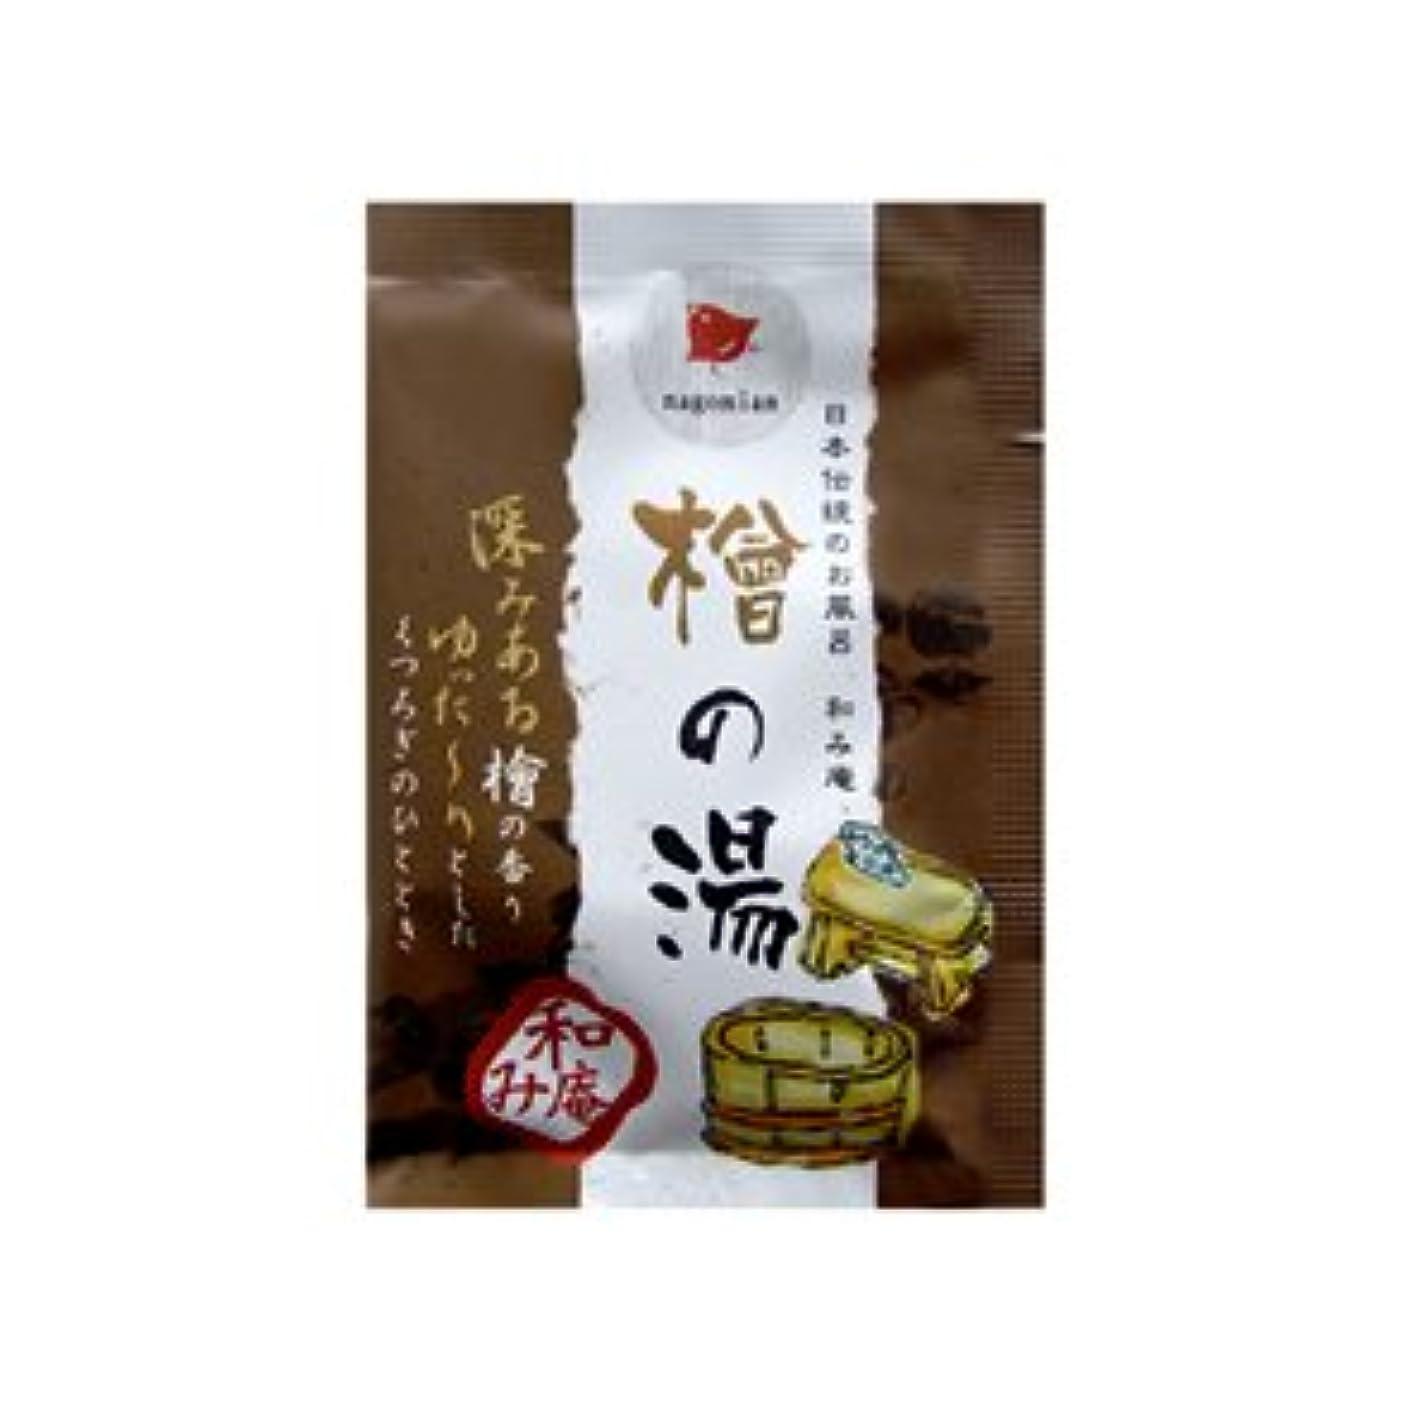 拡張毒性家主日本伝統のお風呂 和み庵 檜の湯 25g 10個セット